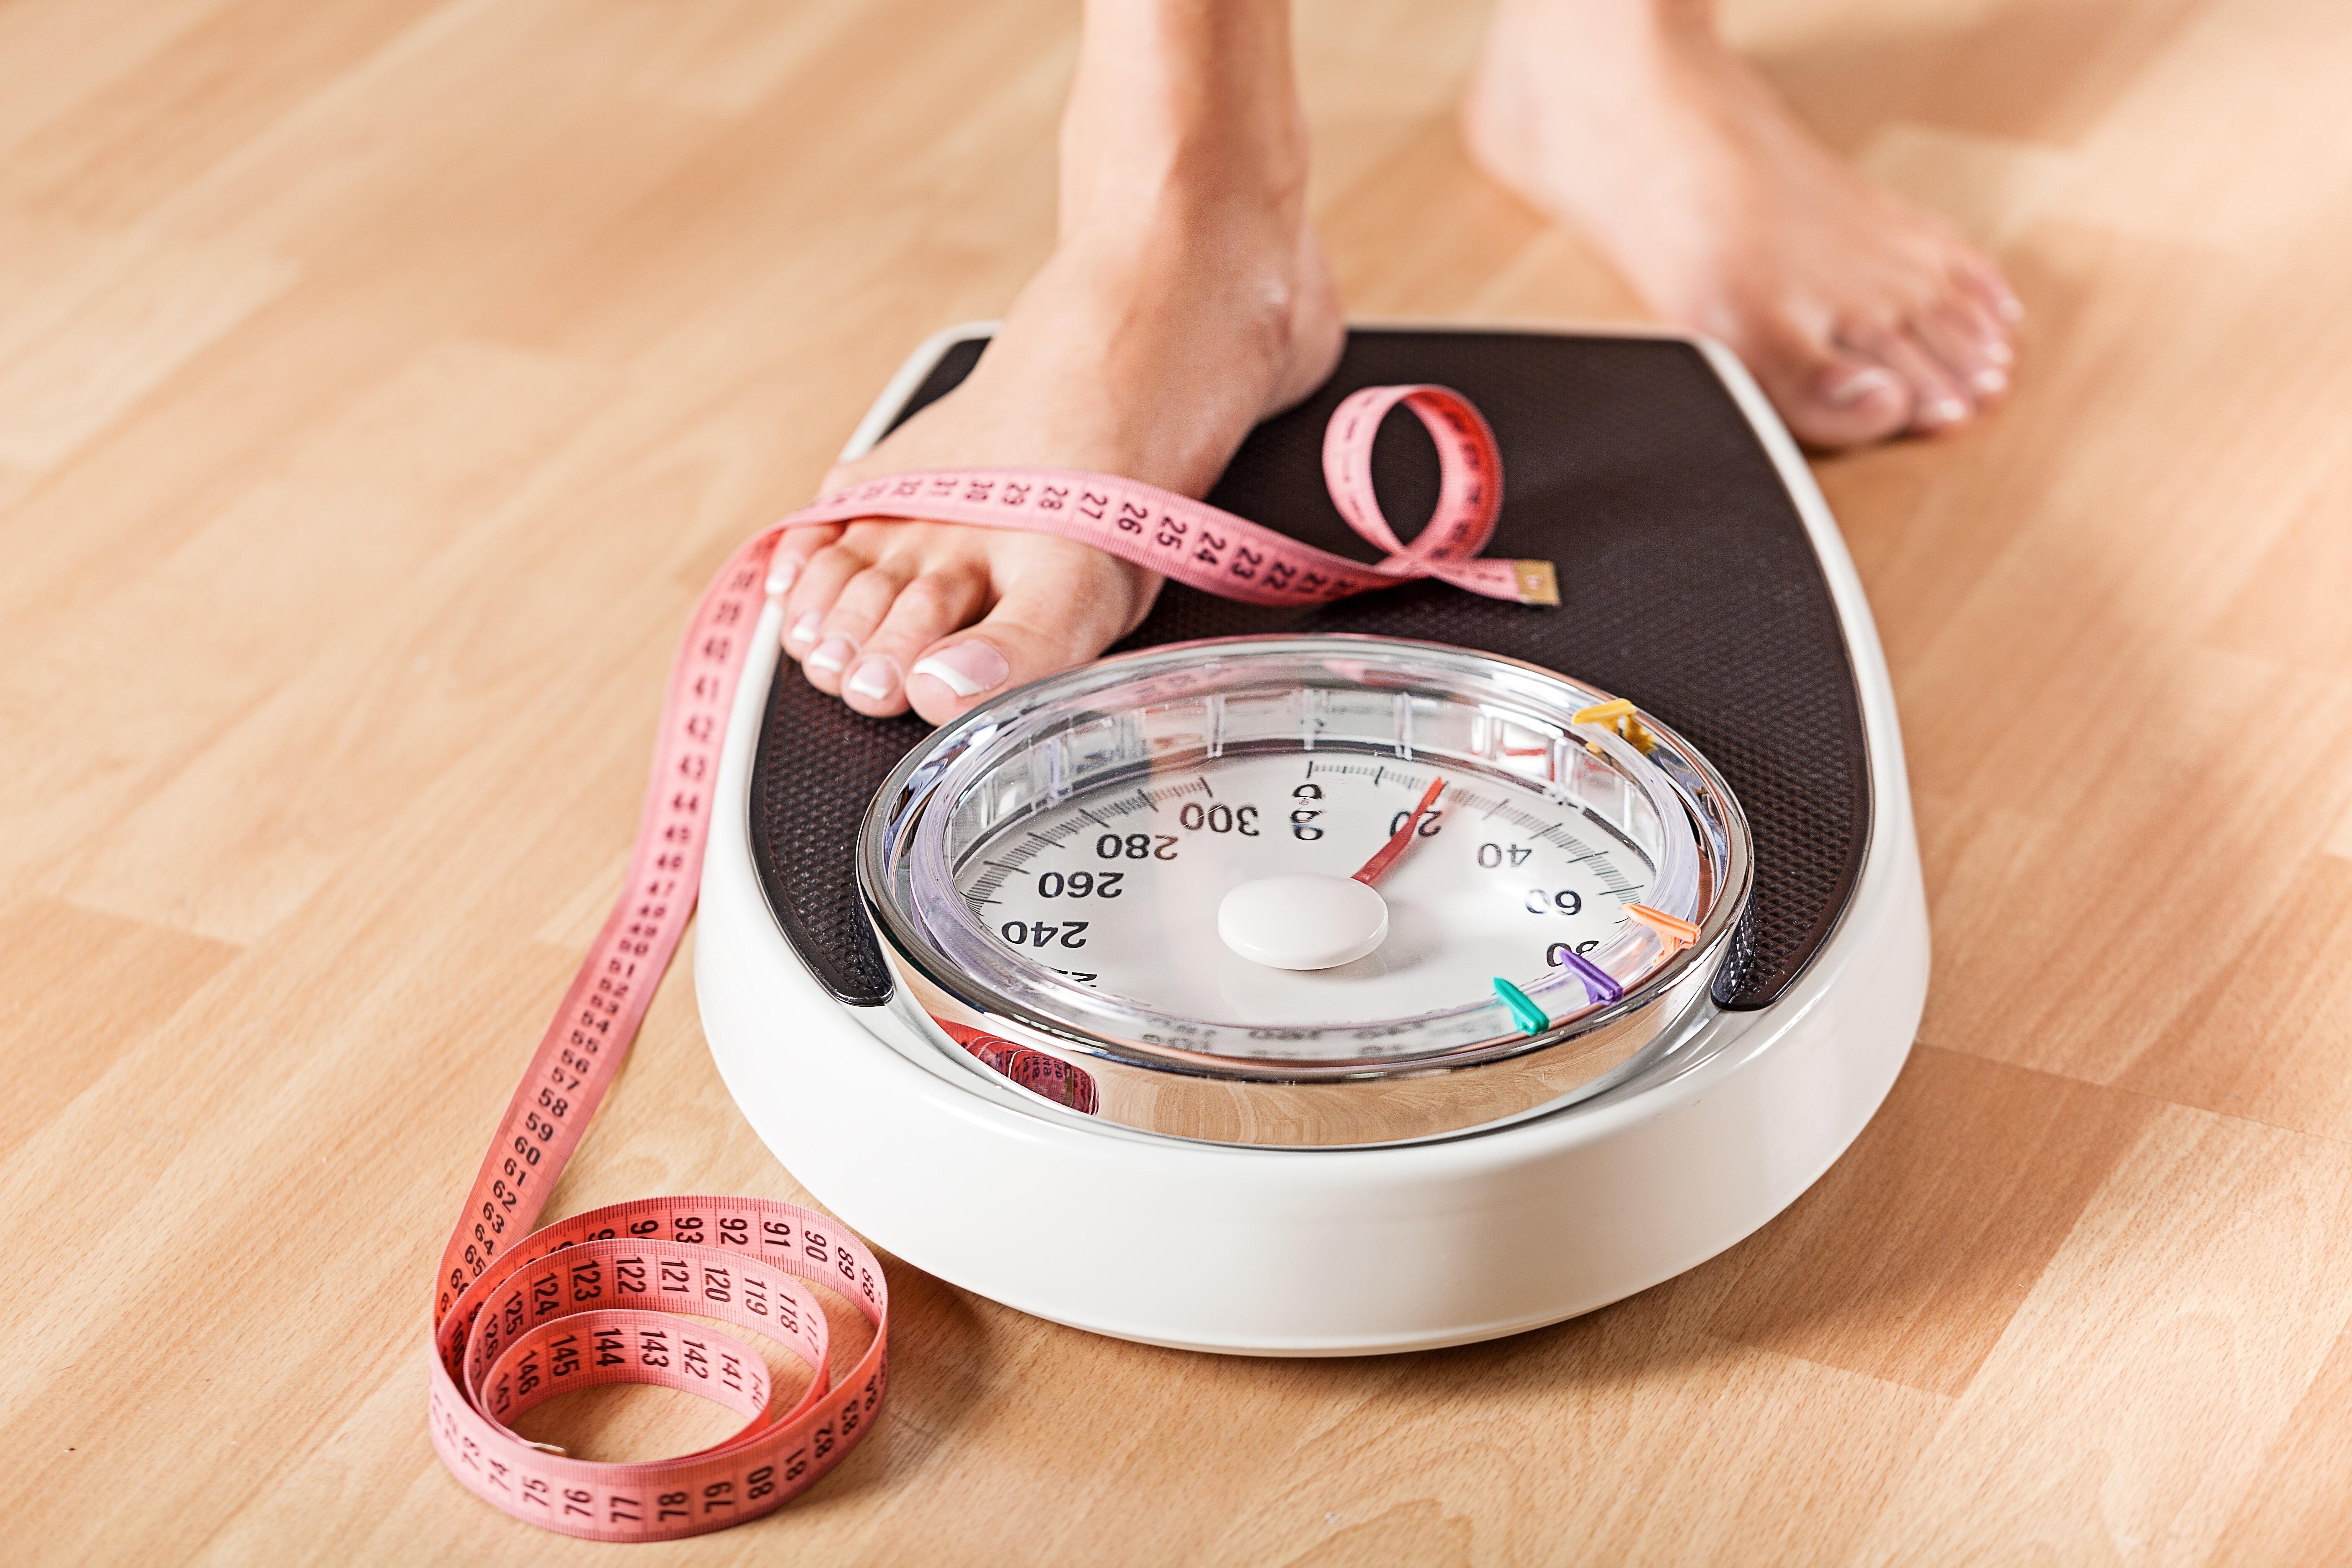 les produits fort pharma sont ils efficace pour maigrir perdre du poids rapidement. Black Bedroom Furniture Sets. Home Design Ideas